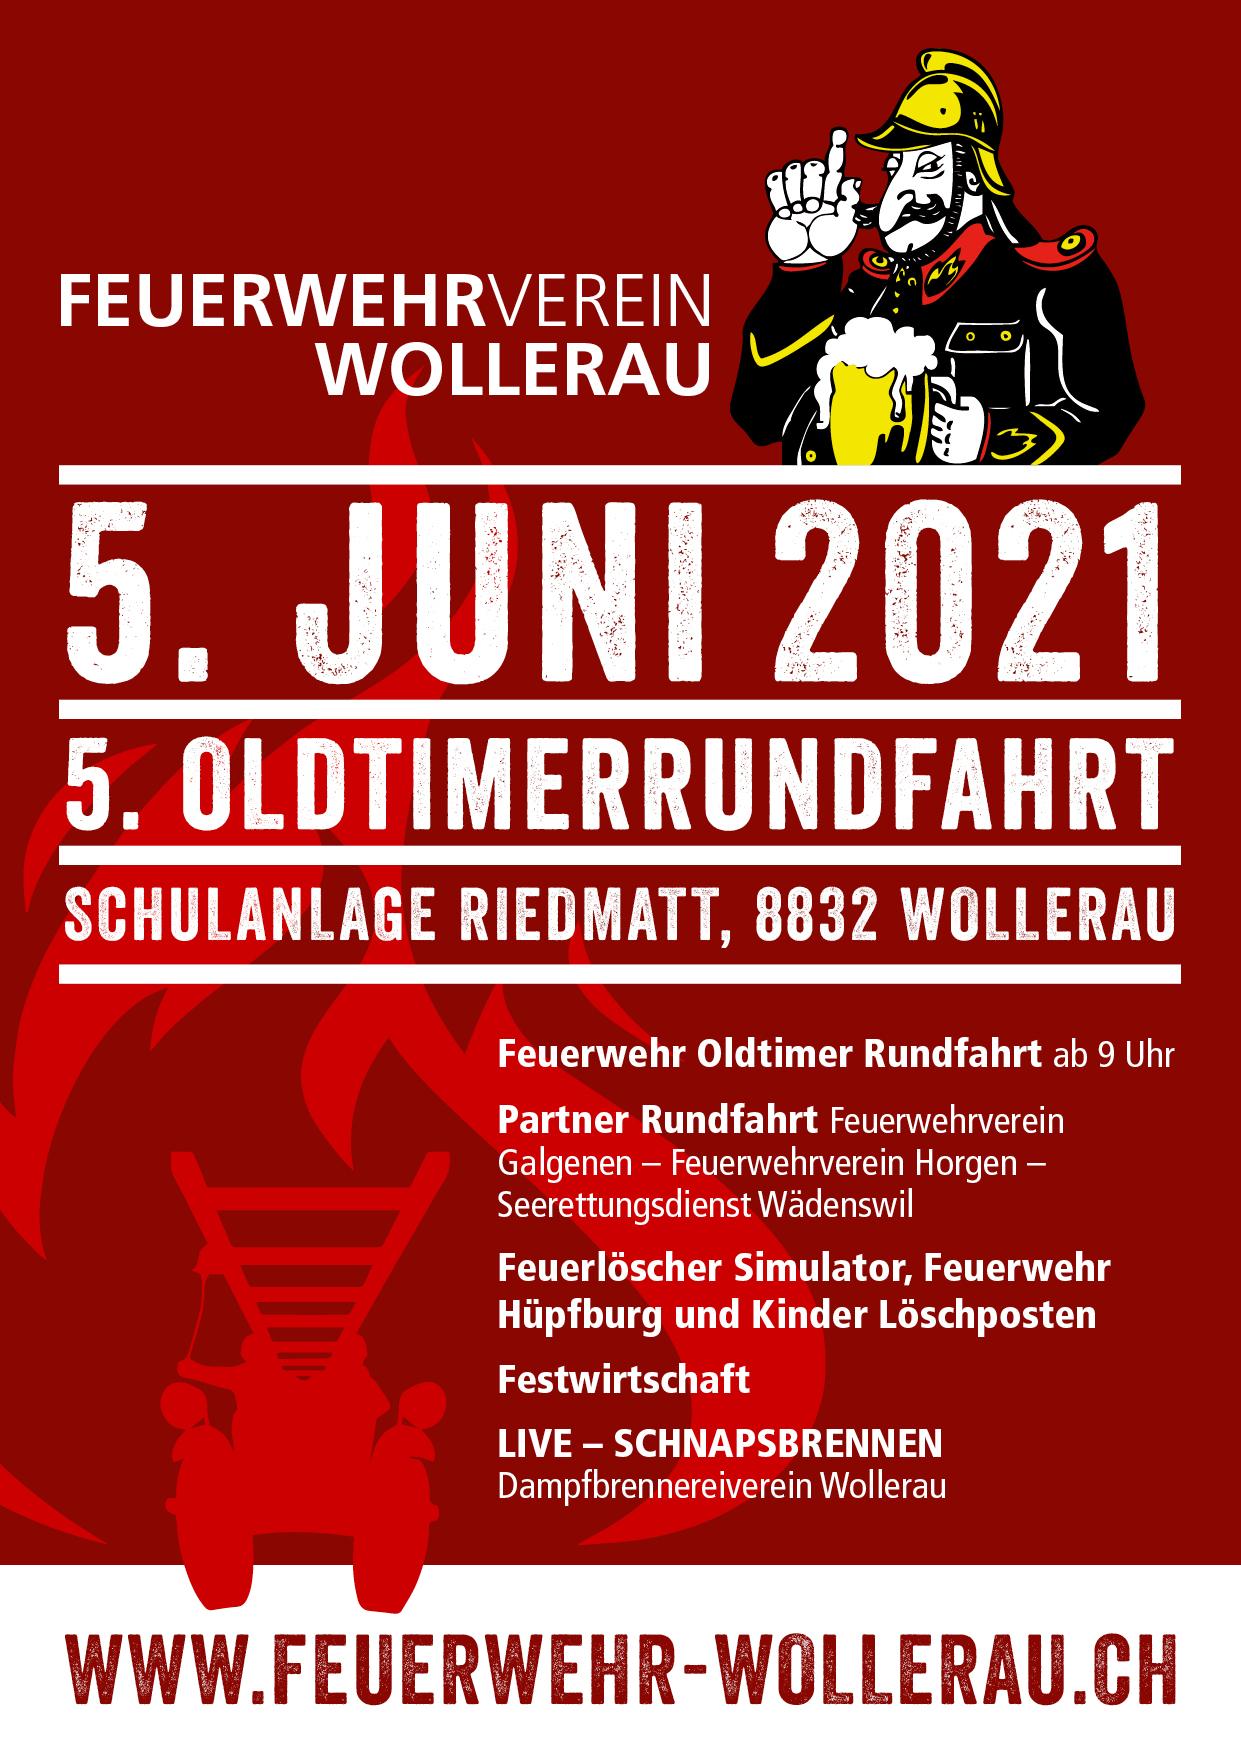 A6_Flyer_5Oldtimerrundfahrt21_0406